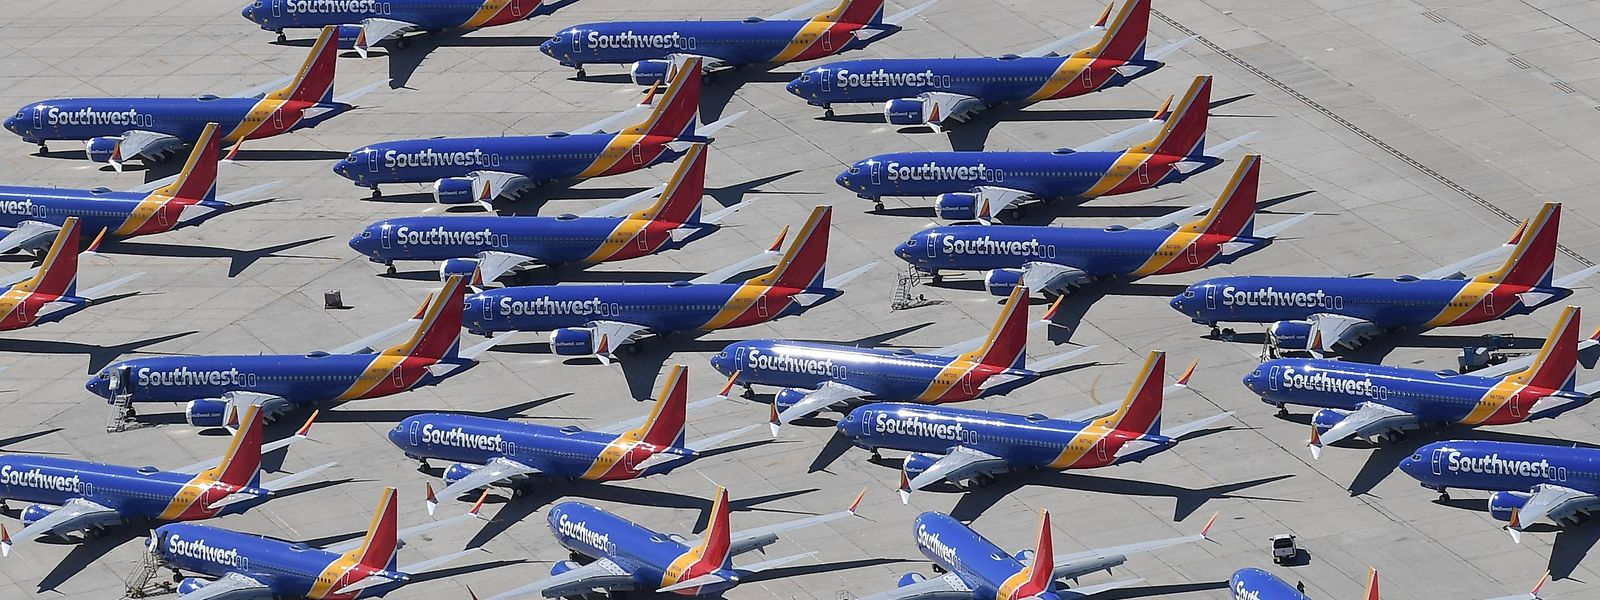 Geparkte 737-Max-Maschinen der Southwest Airlines: Der Flugzeugtyp ist wegen zwei Abstürzen, bei denen Hunderte Menschen starben, seit Mitte März rund um den Globus mit Startverboten belegt.